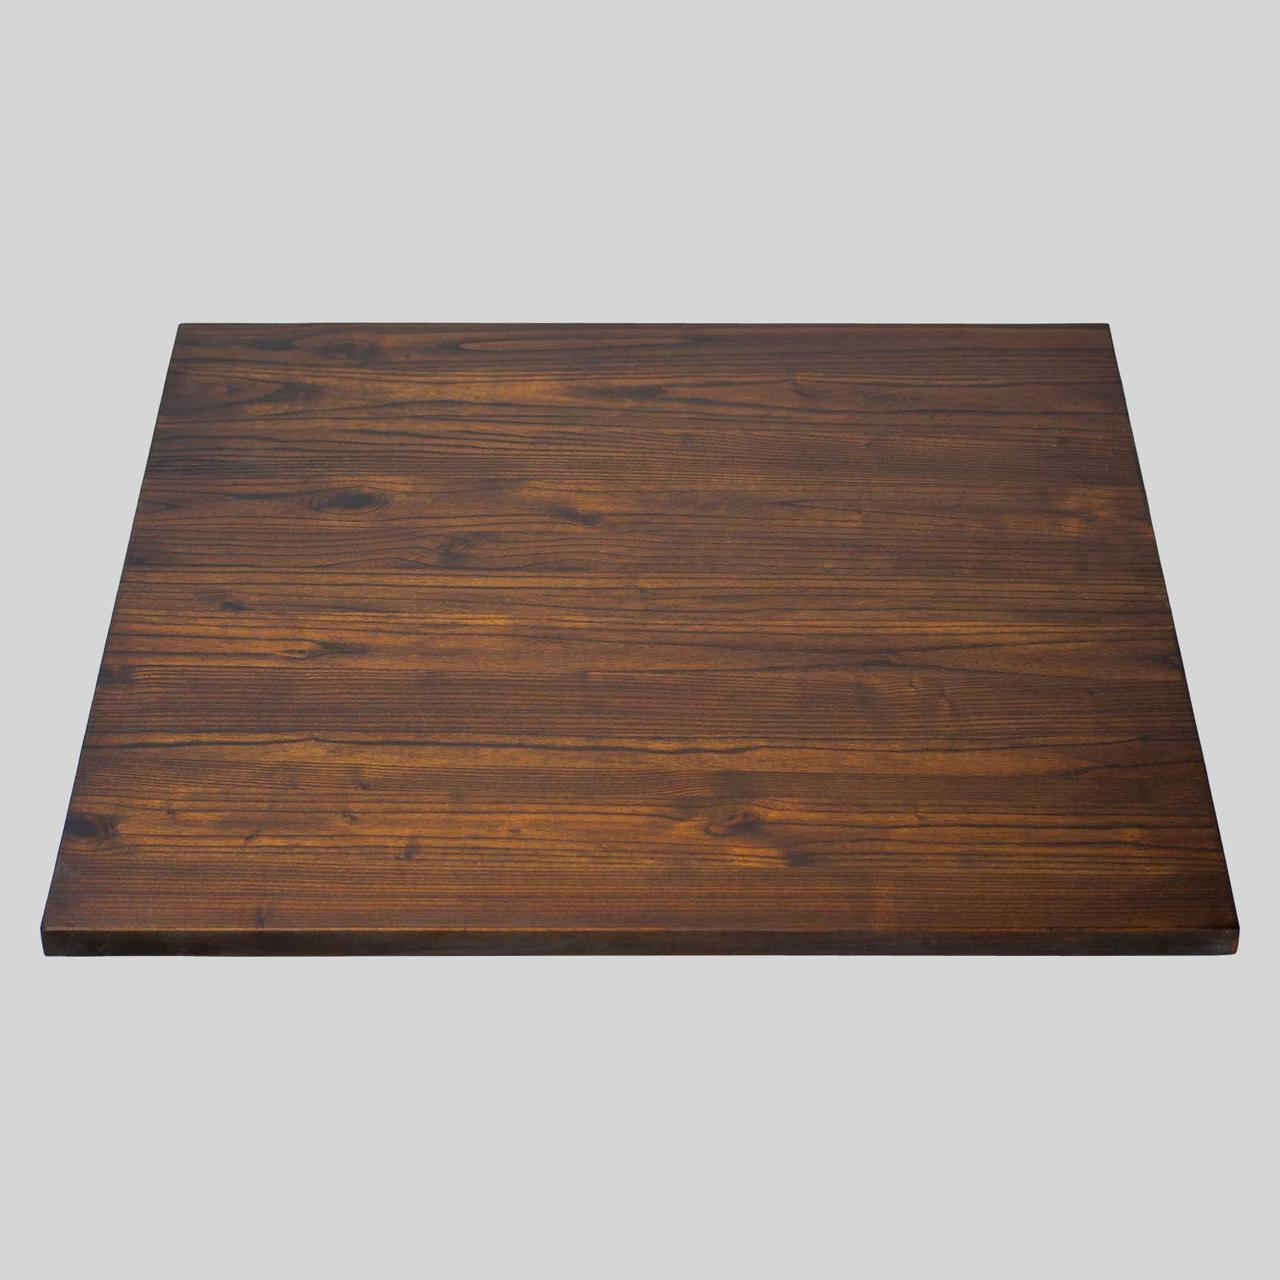 elm_timber_table_top_700dia_walnut_ta1.jpg